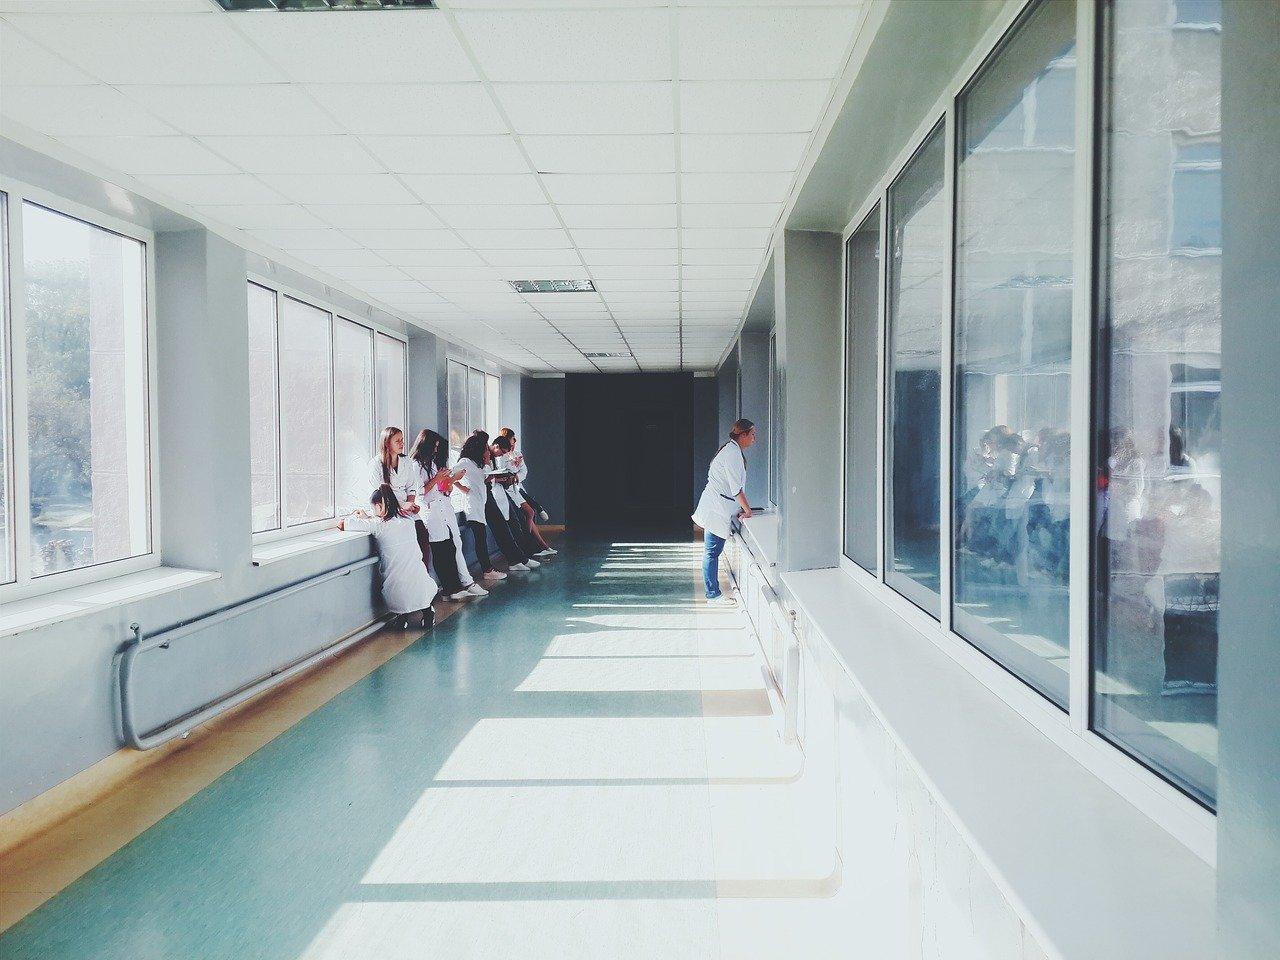 Nytundoarp Alkema S, Cazemier O S, Werf vd AG health check huisarts